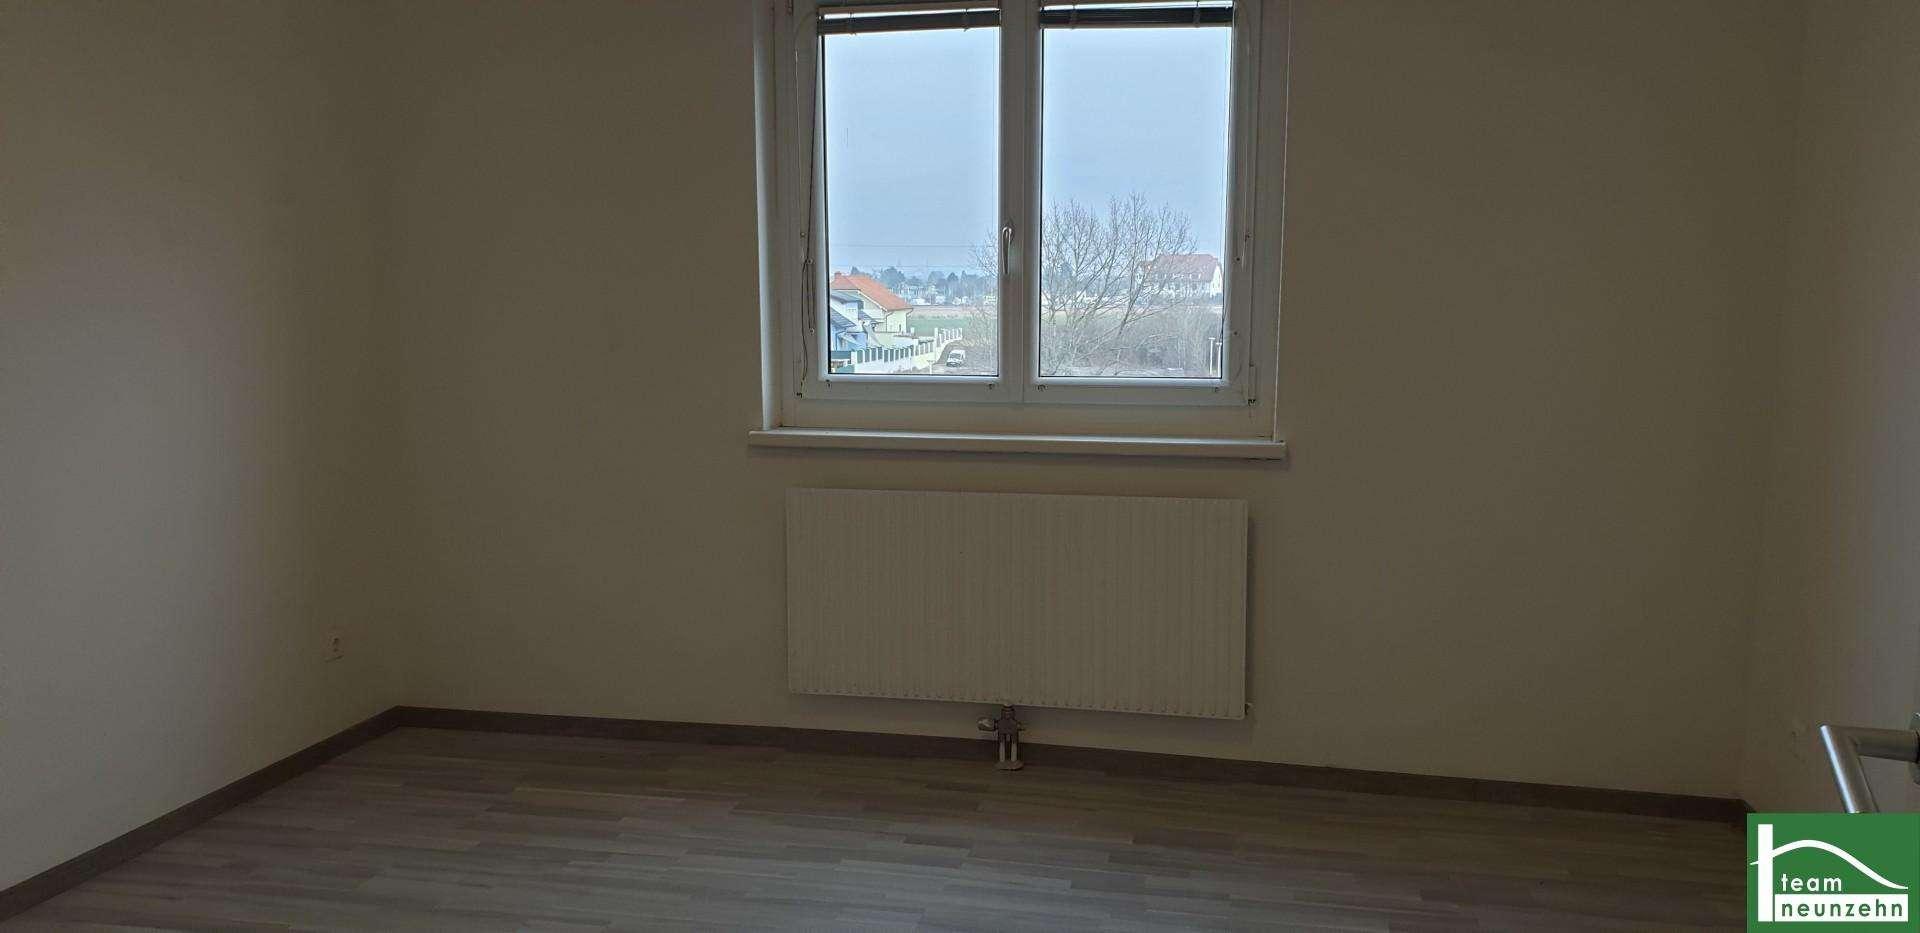 JETZT ZUSCHLAGEN! - Wohnen wie im Paradies zum Top Preis! Helle 3-Zimmer-Wohnung! Mit Loggia!